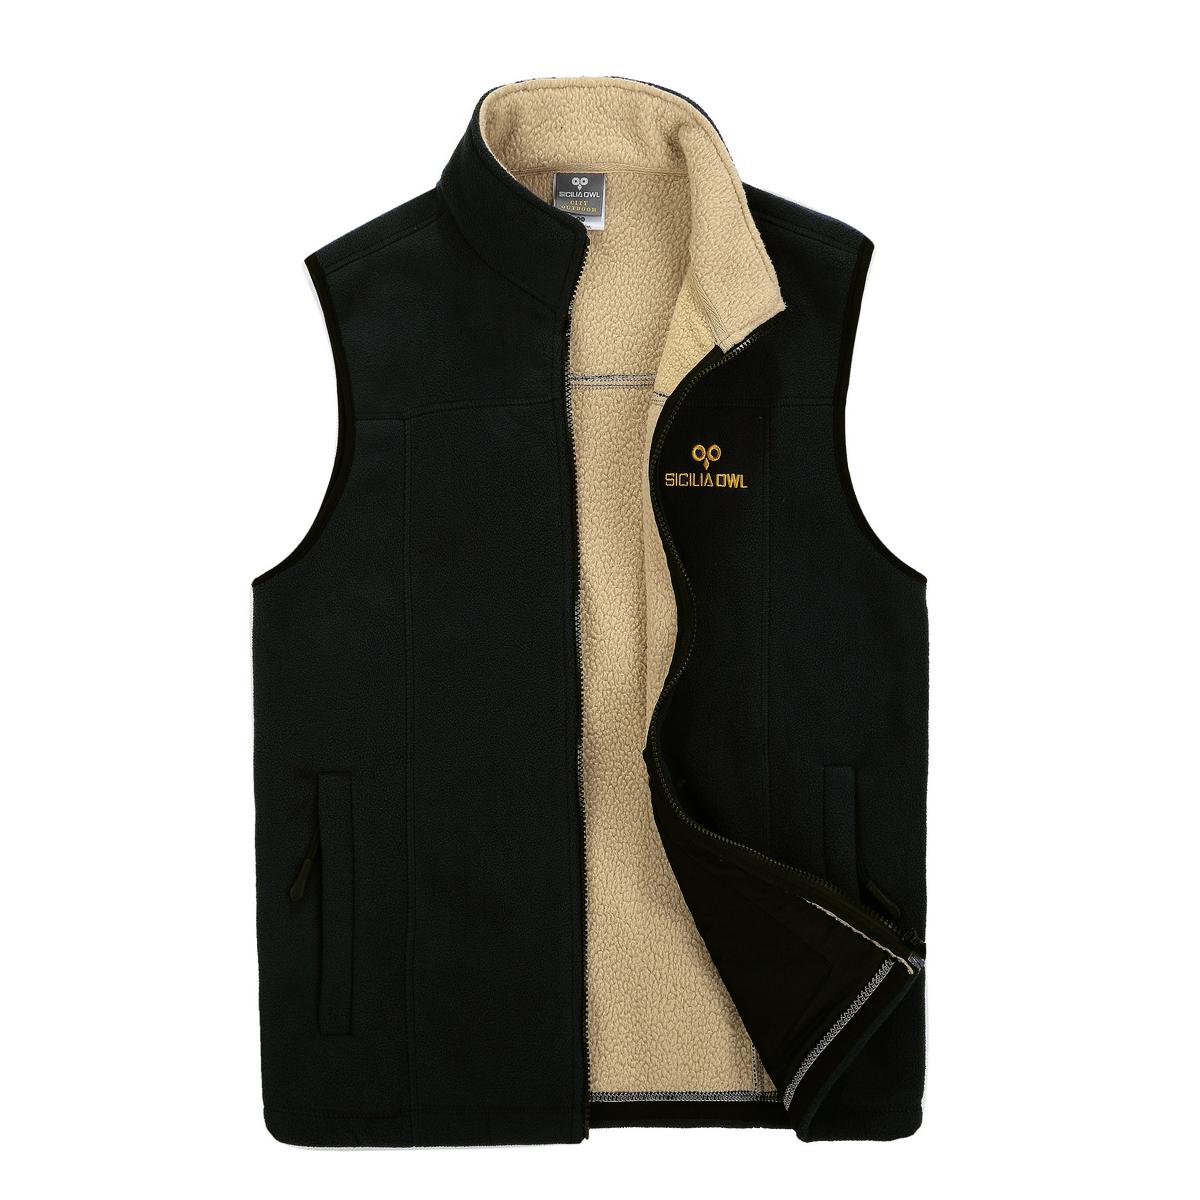 Дефект зазор на открытом воздухе утолщённый мужчина модель шерсть одежда теплый жилет кардиган жилет